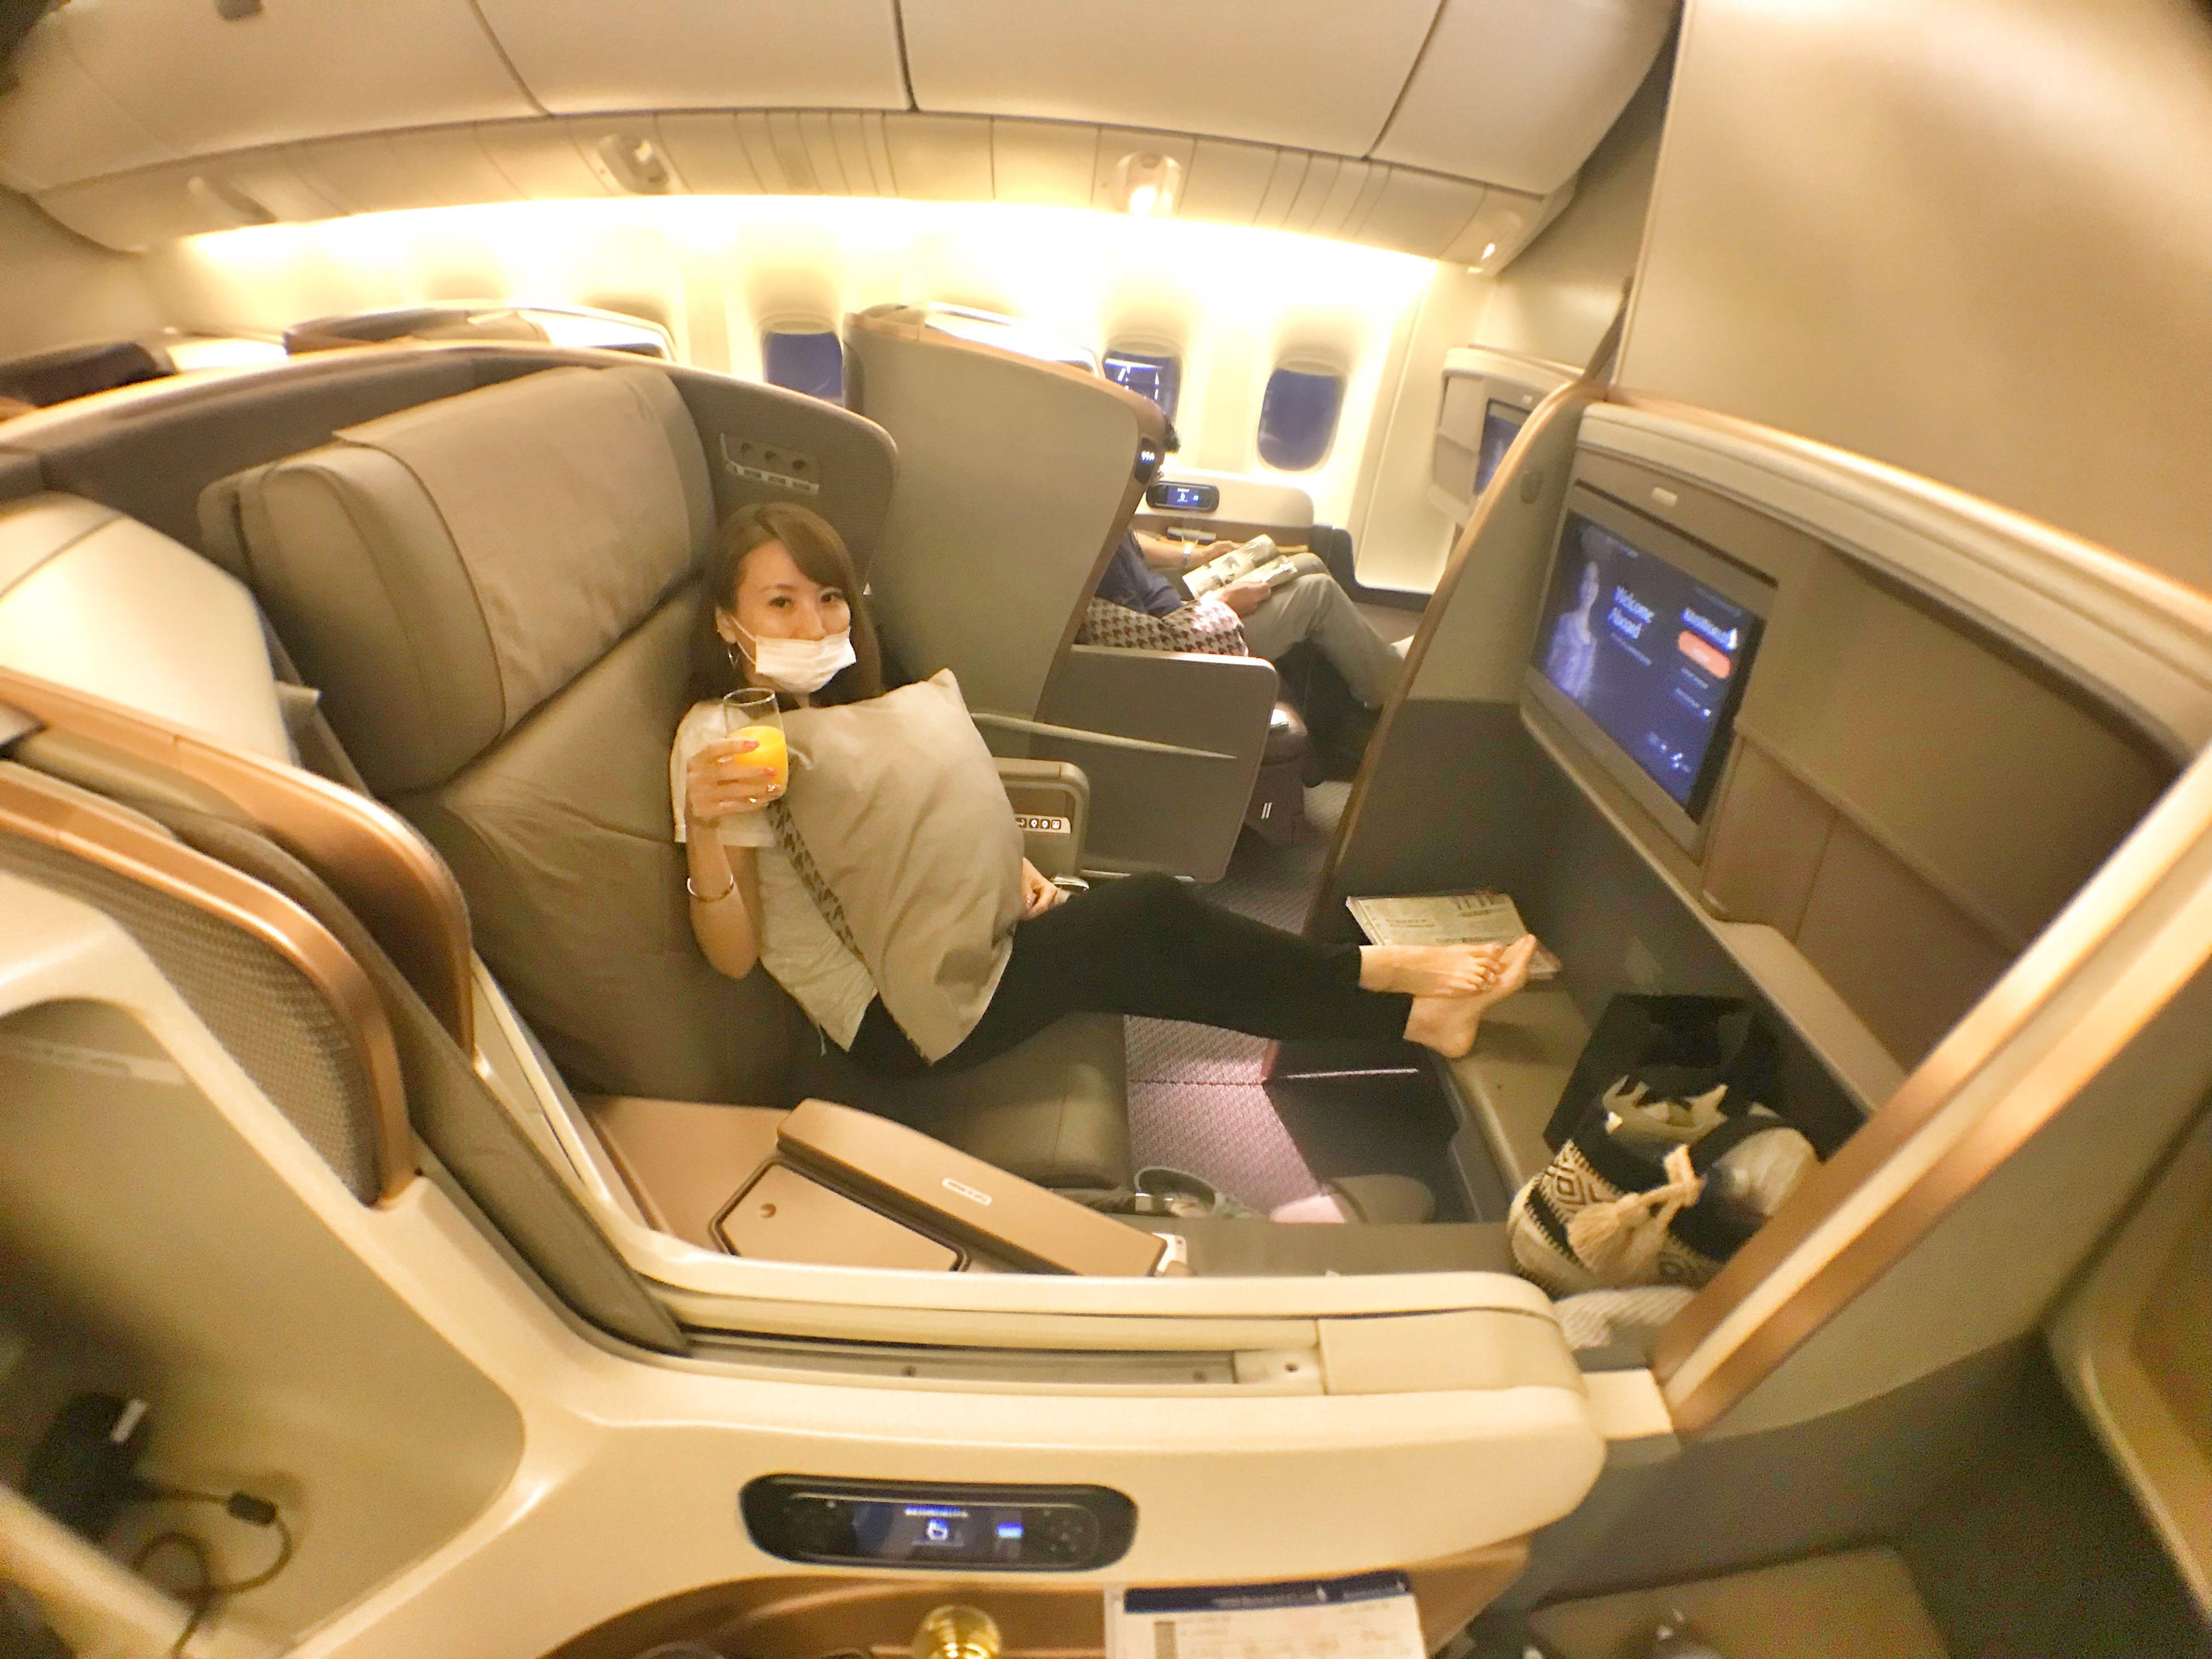 ANA、ユナイテッド航空、シンガポール航空 ビジネスクラス【初心者比較】